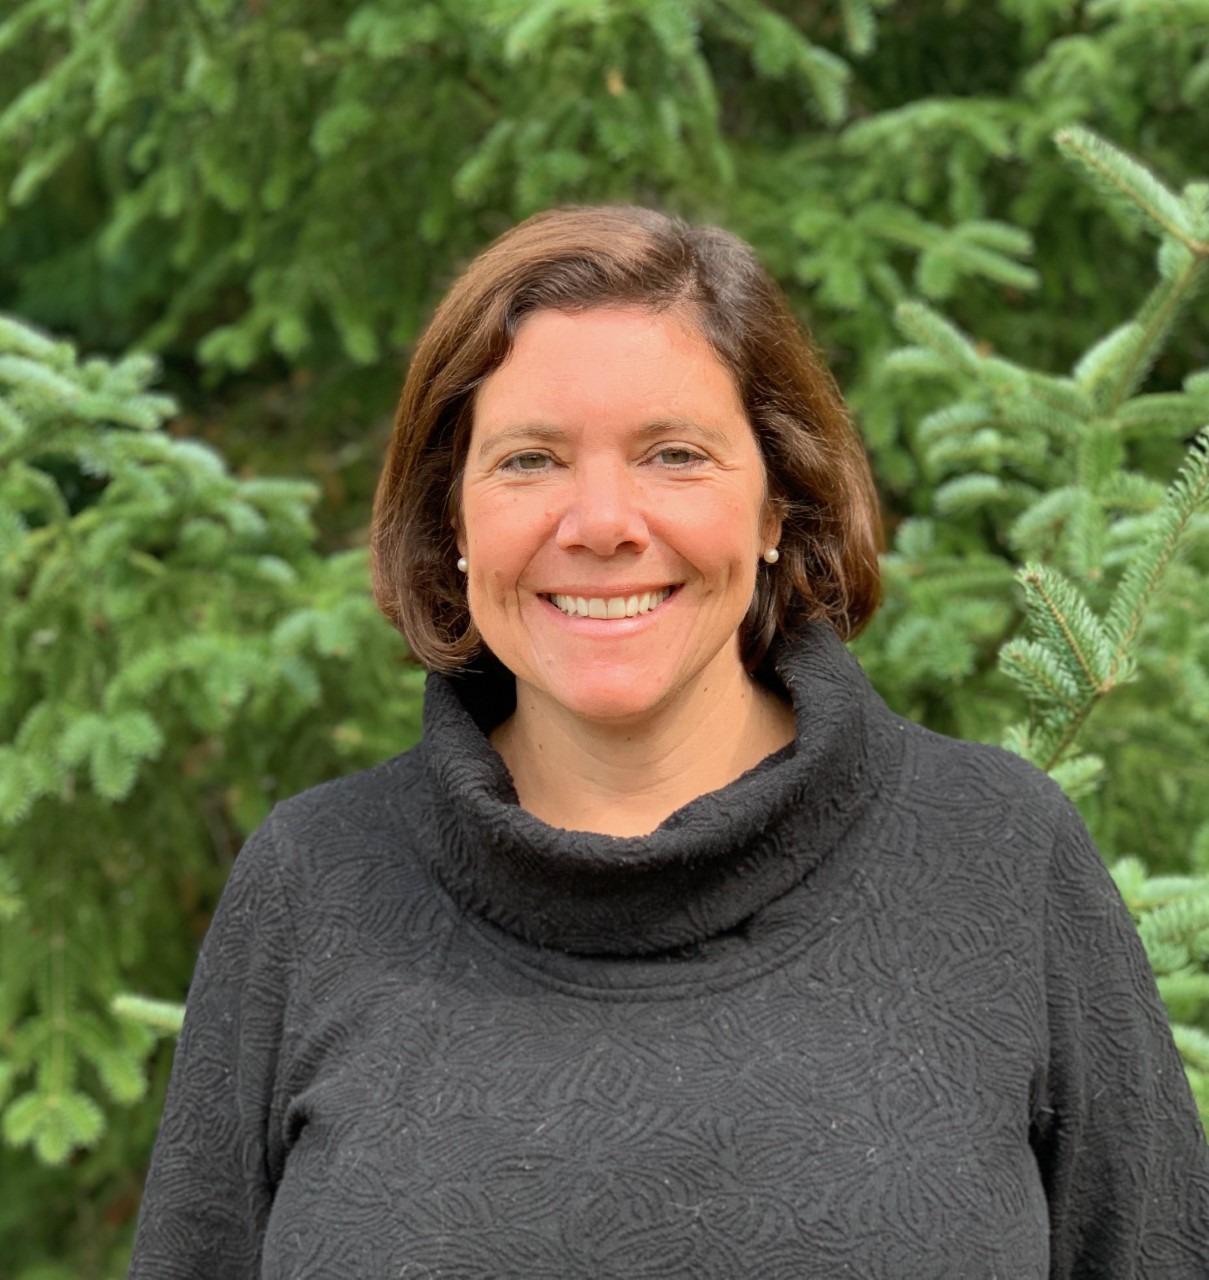 Kate Vaughn